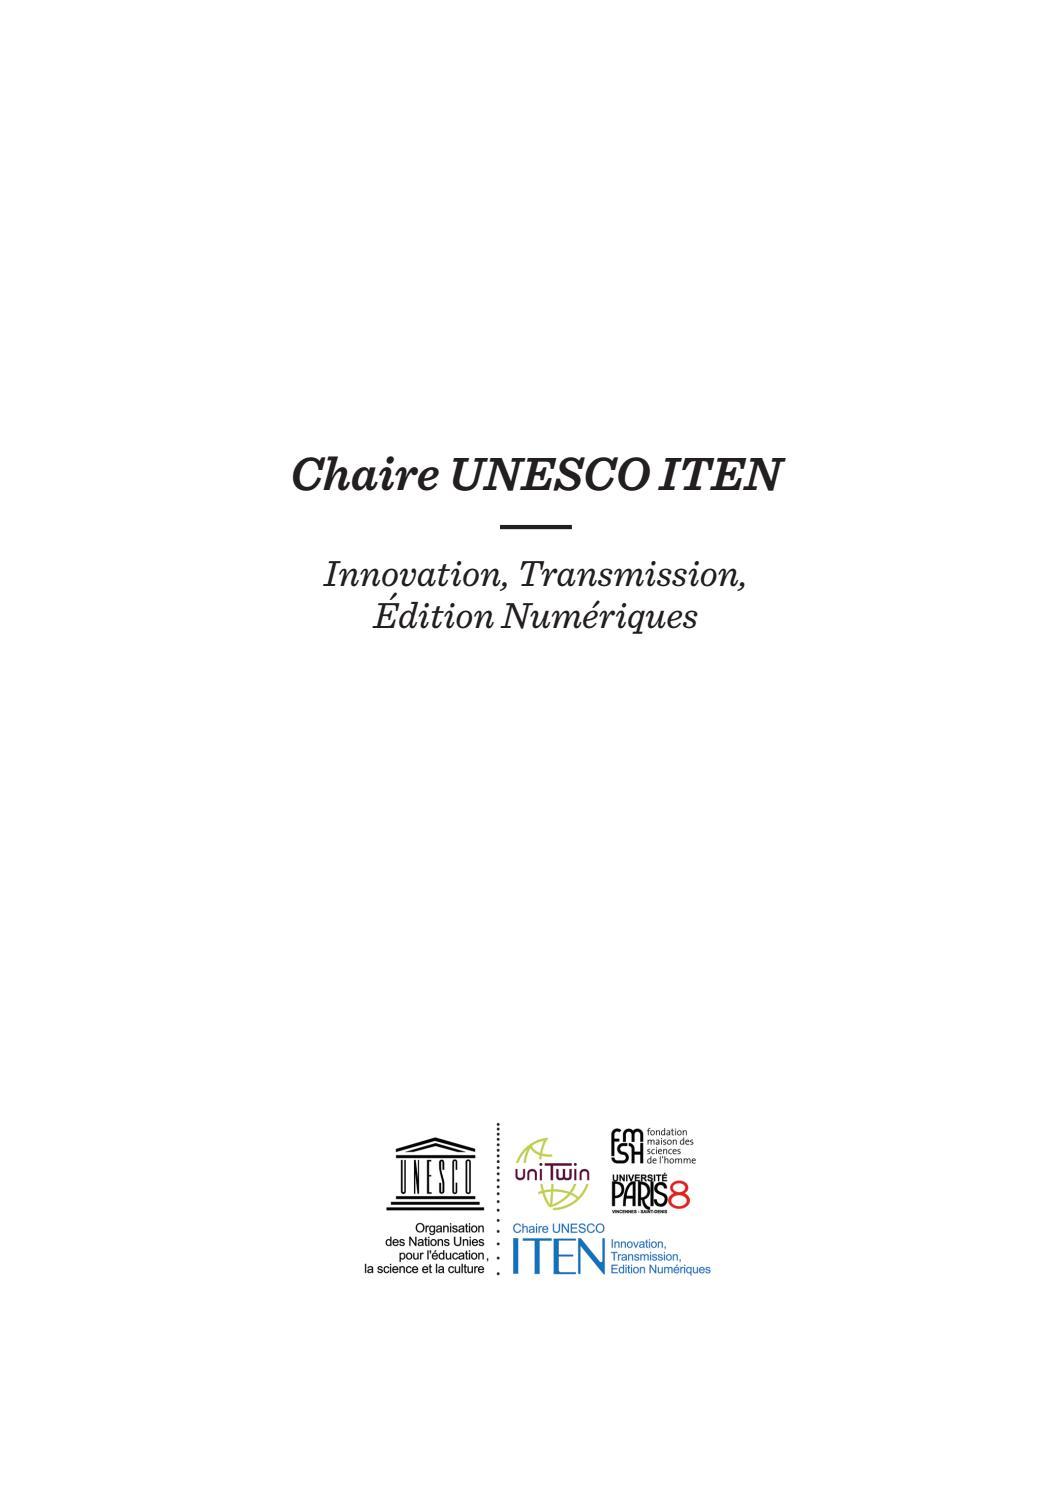 8f6c853ca2a780 Présentation de la chaire UNESCO ITEN by Chaire UNESCO ITEN (Innovation,  Transmission, Edition Numeriques) - issuu